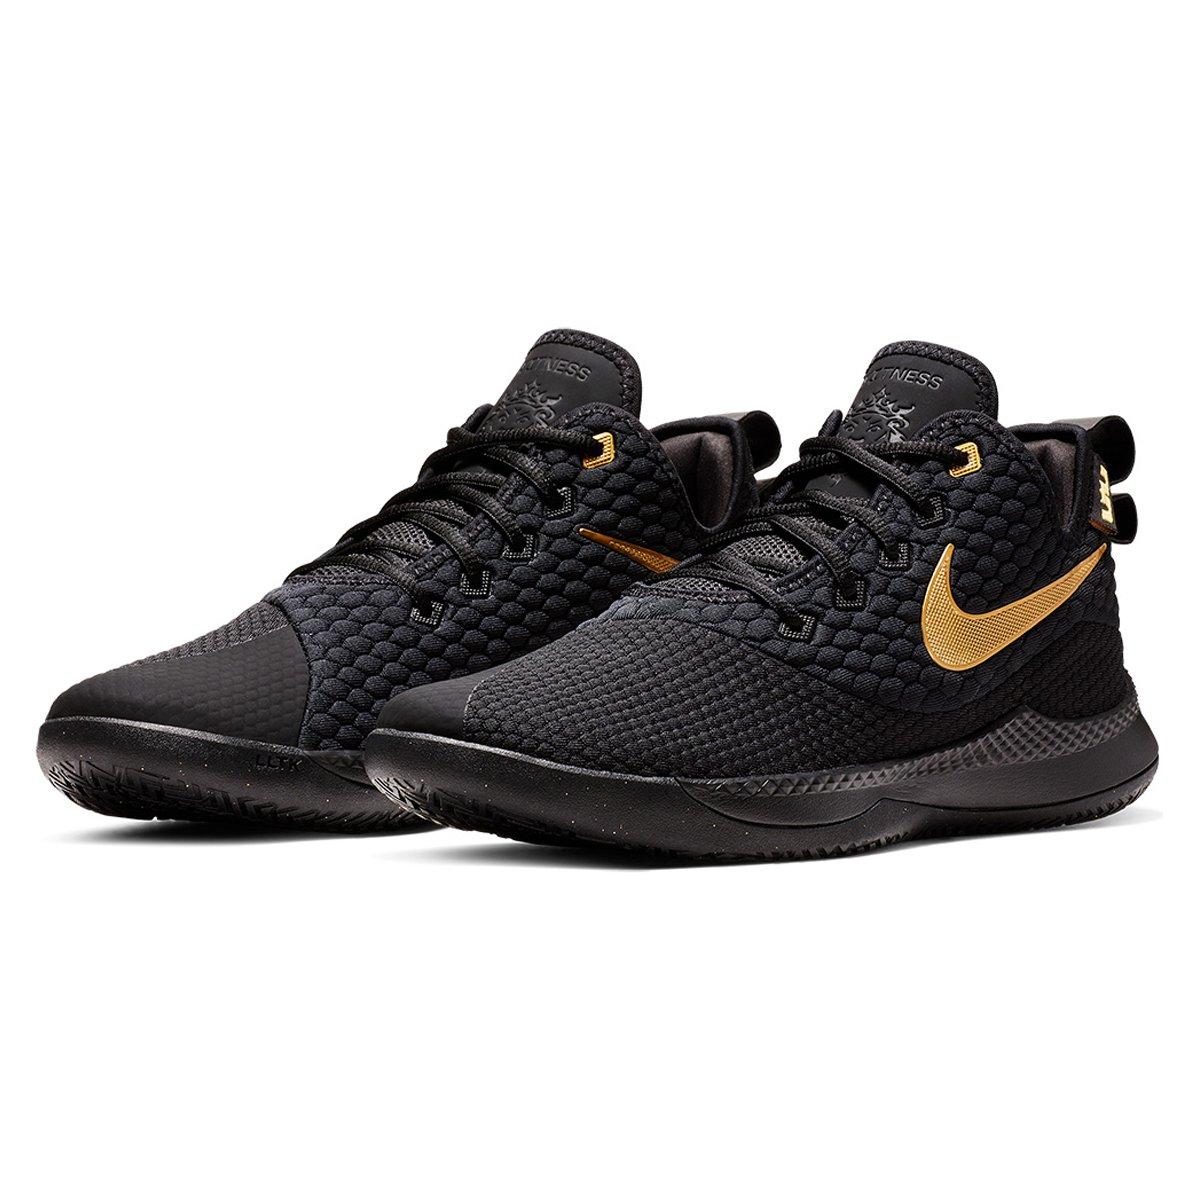 03c93679c2e Tênis Nike Lebron Witness III Masculino - Preto e Dourado - Compre Agora